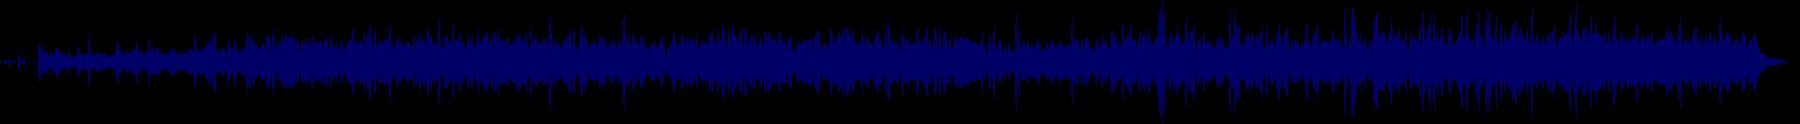 waveform of track #66230